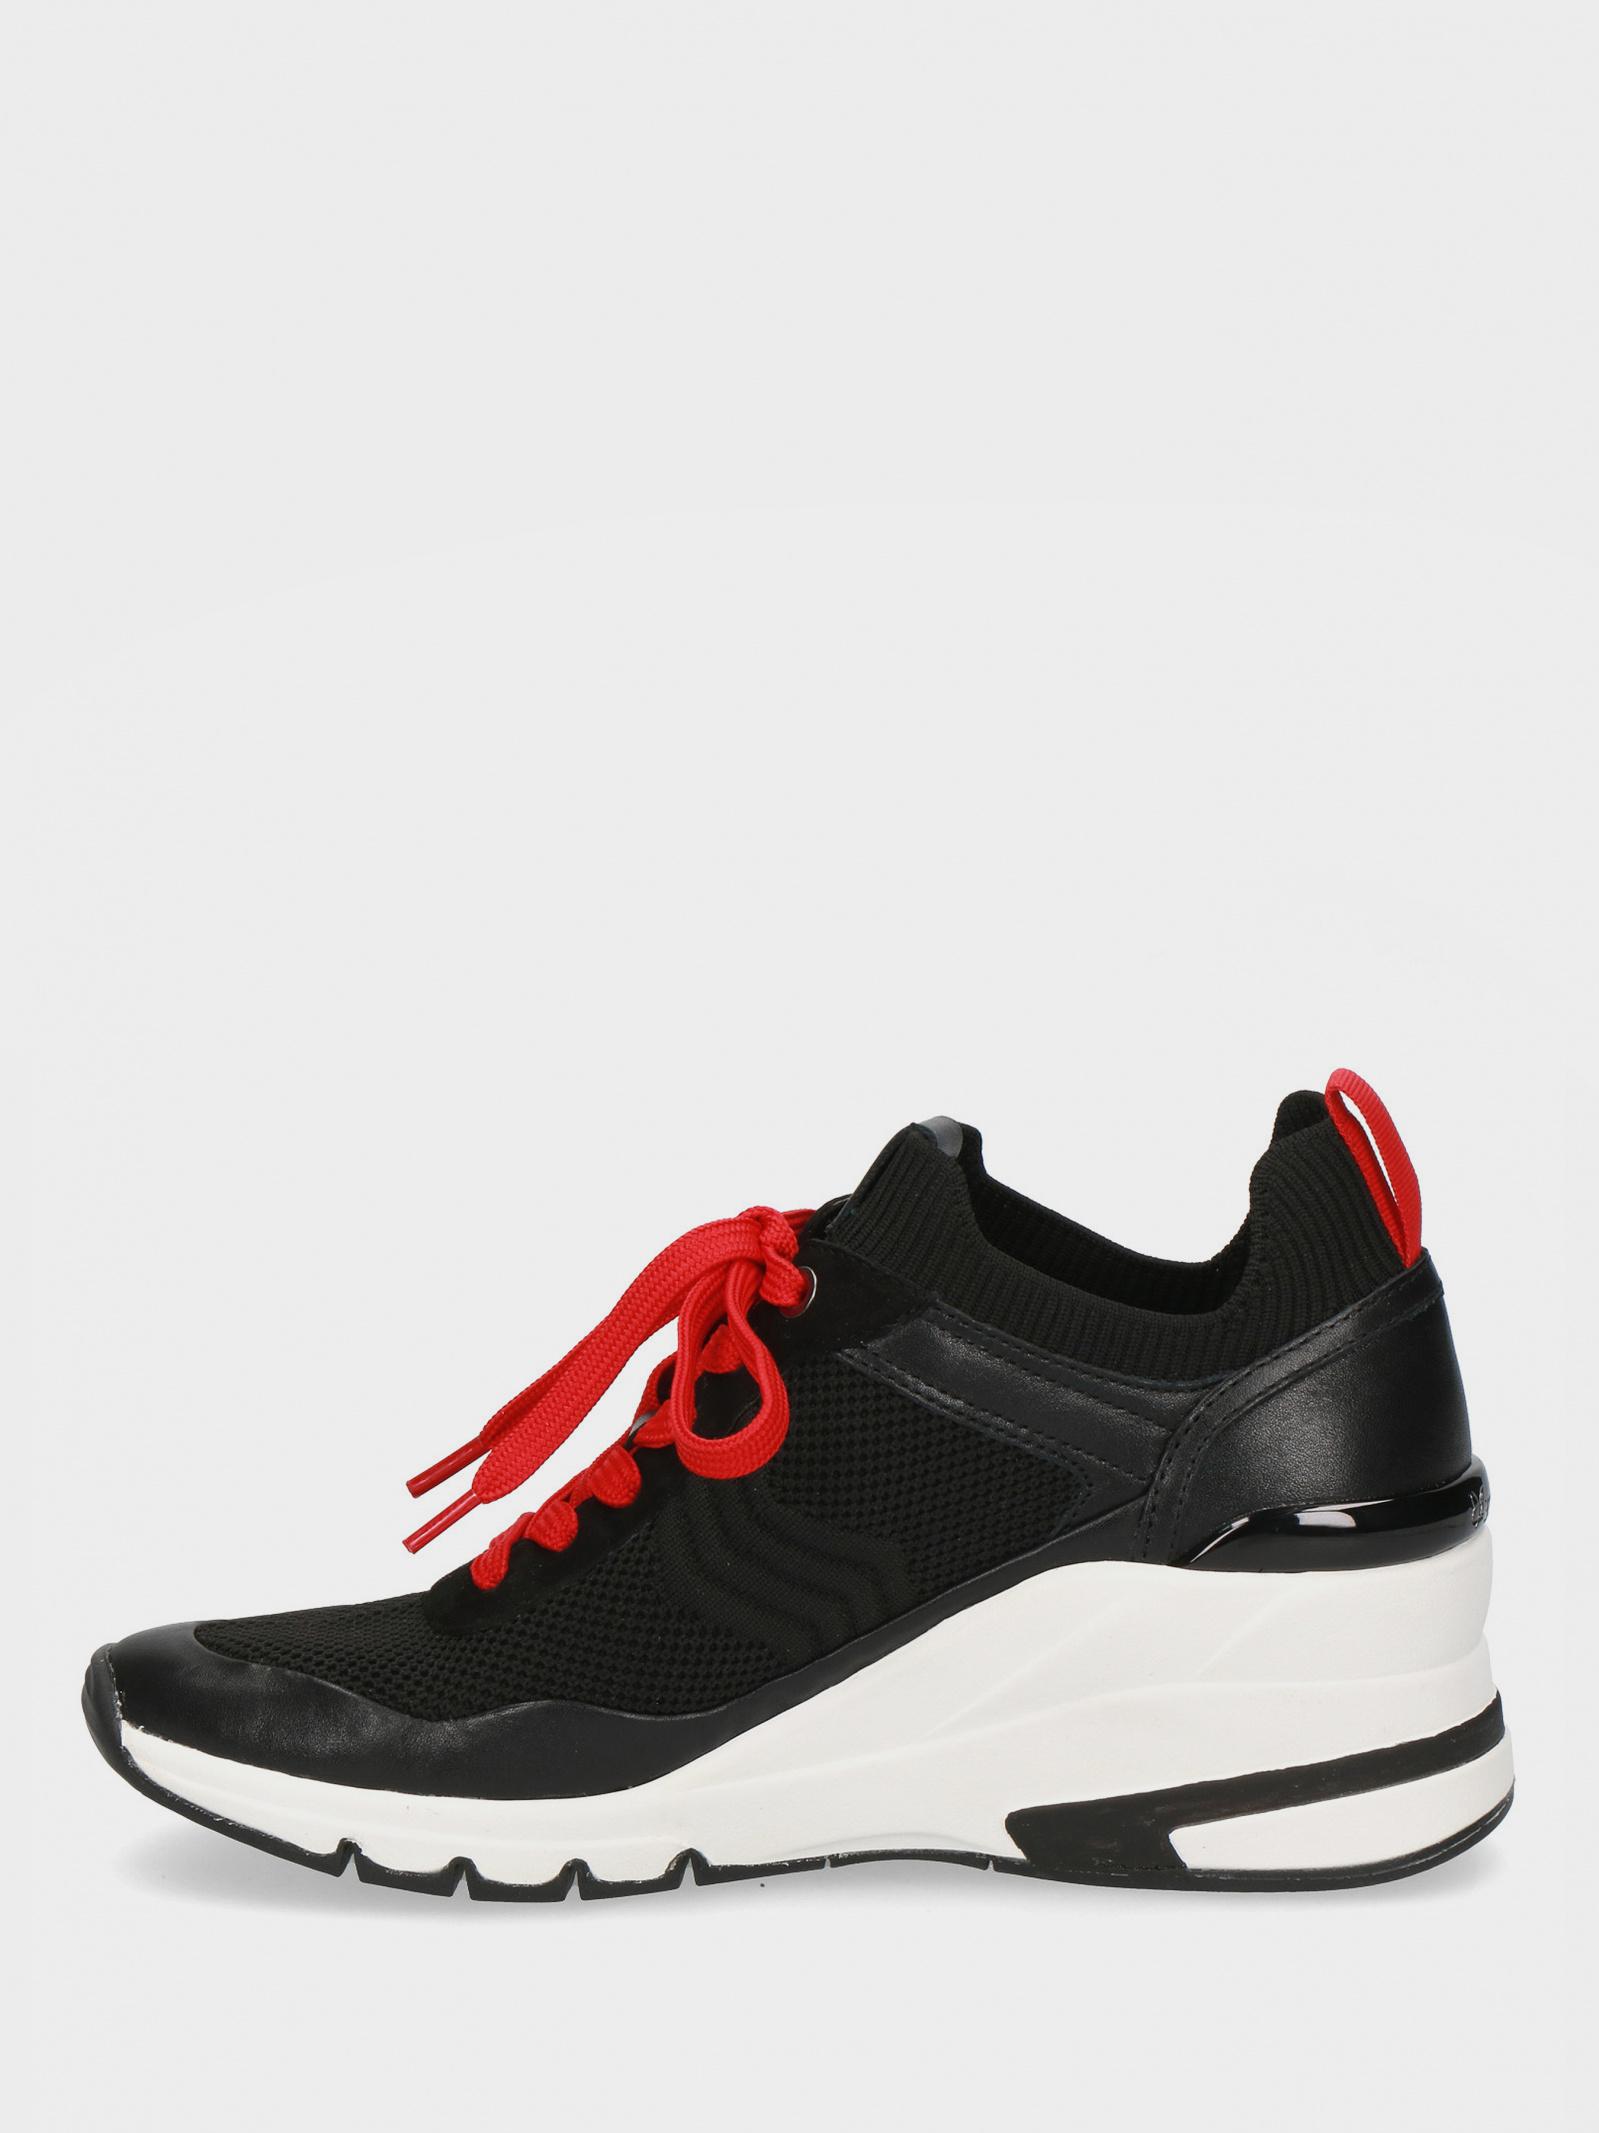 Кросівки  для жінок Caprice 9-9-23709-25 023 BLACK/RED модне взуття, 2017